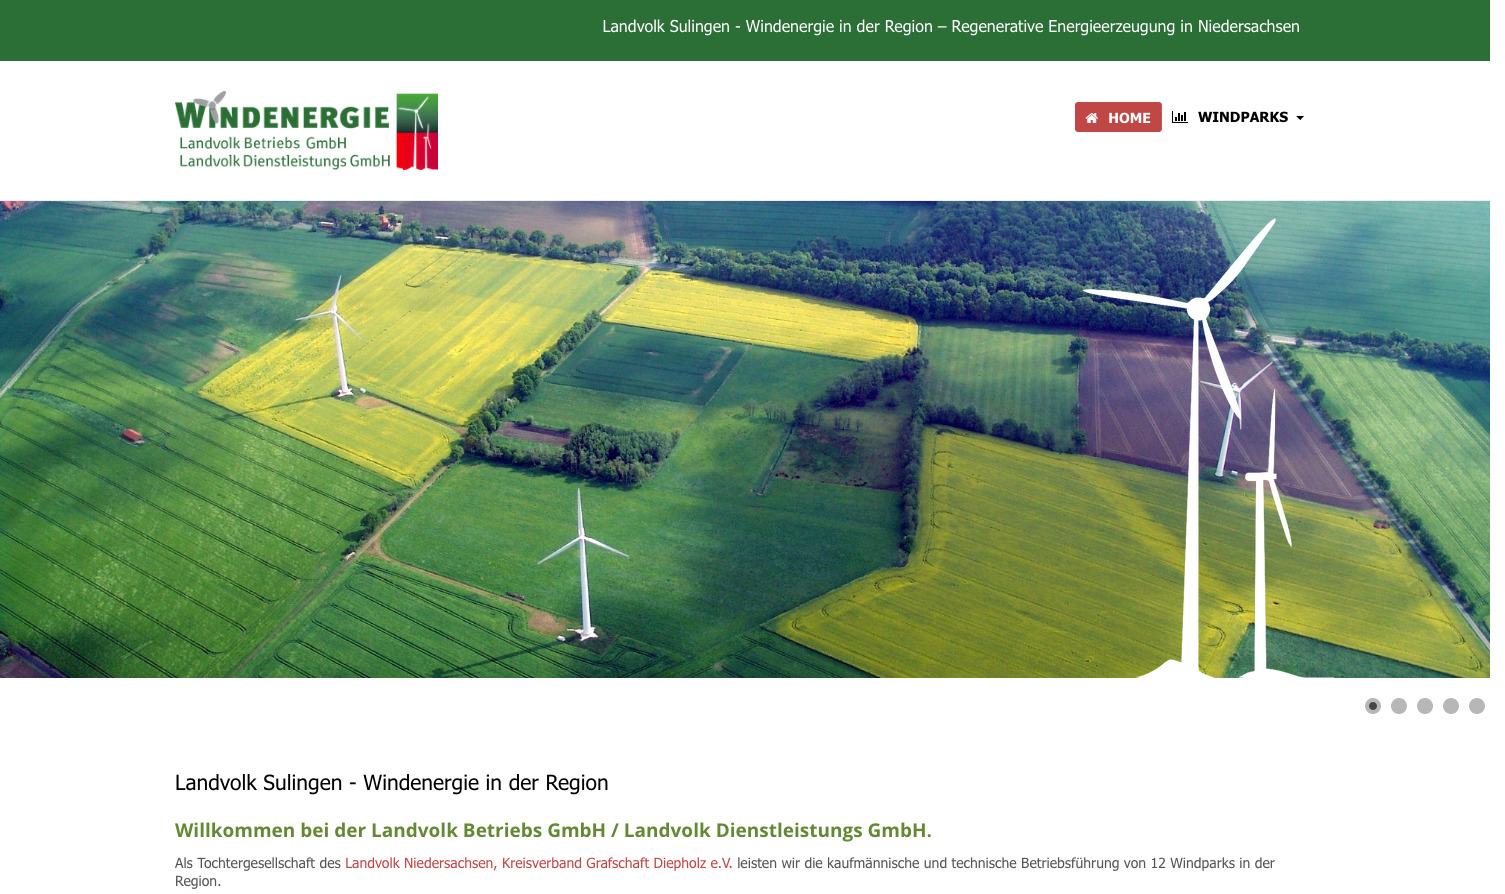 Landvolk Sulingen - Windenergie in der Region